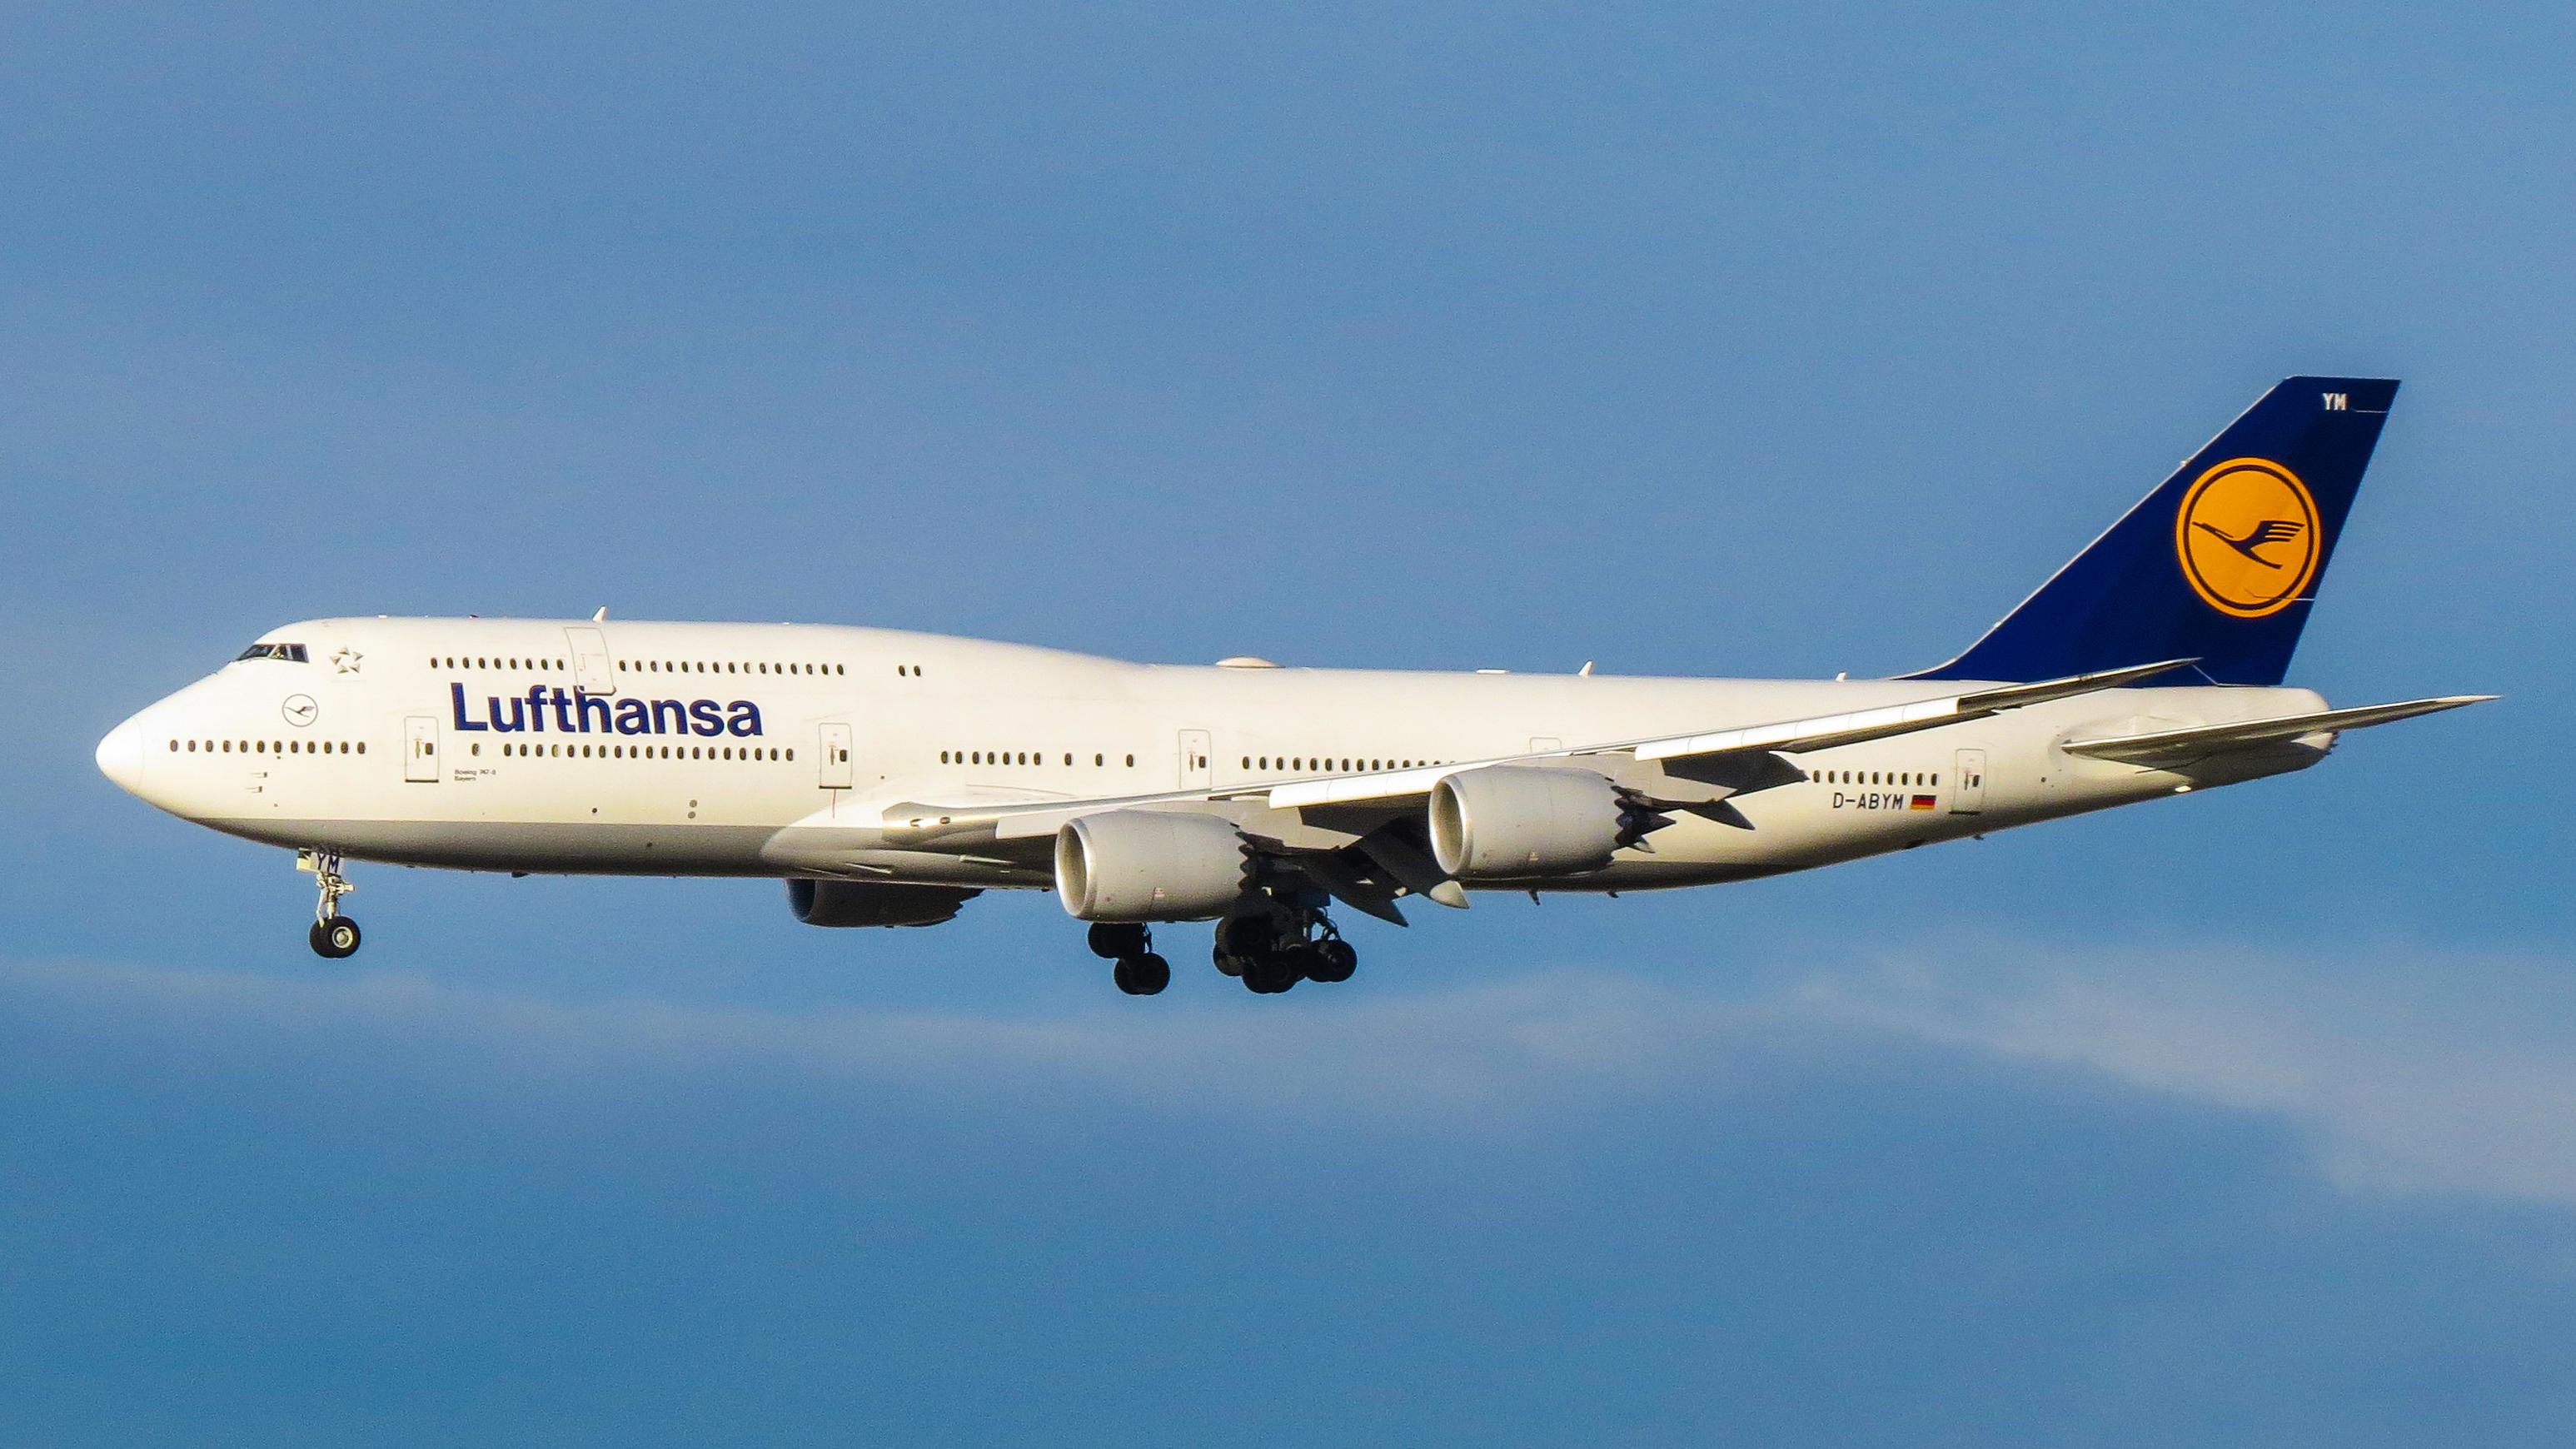 En Boeing 747-8 fra det tyske flyselskab Lufthansa. Foto: Kiefer